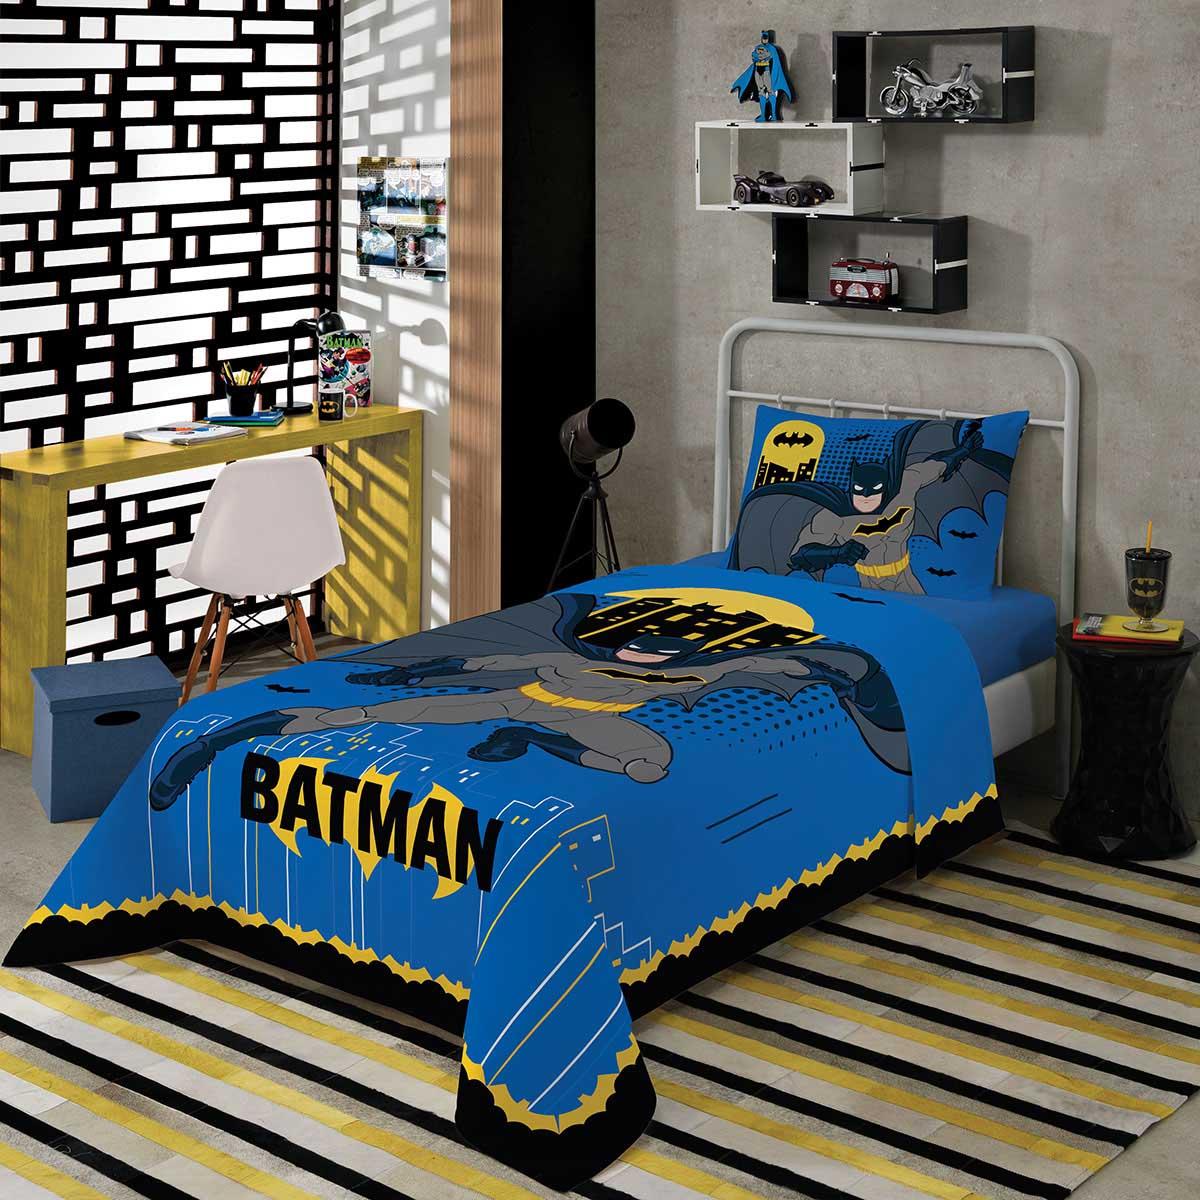 Jogo de Cama Batman 059414 Com 3 peças Lepper